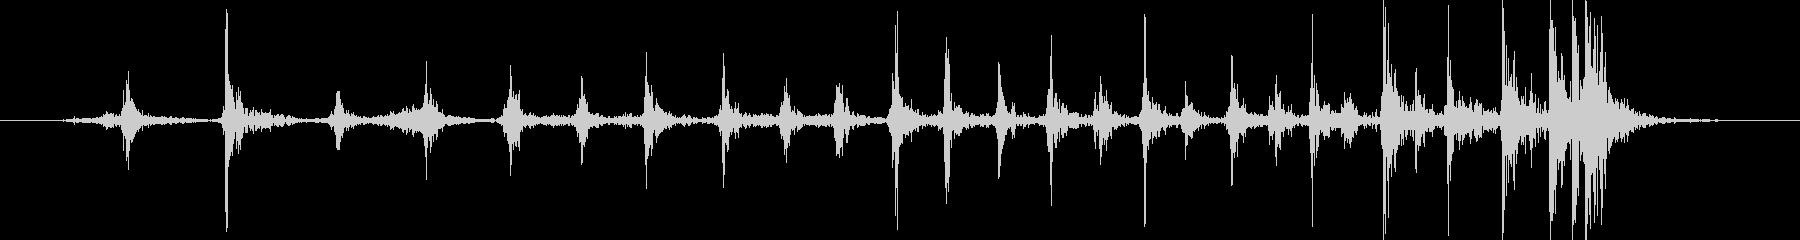 家庭 カップスピン03の未再生の波形